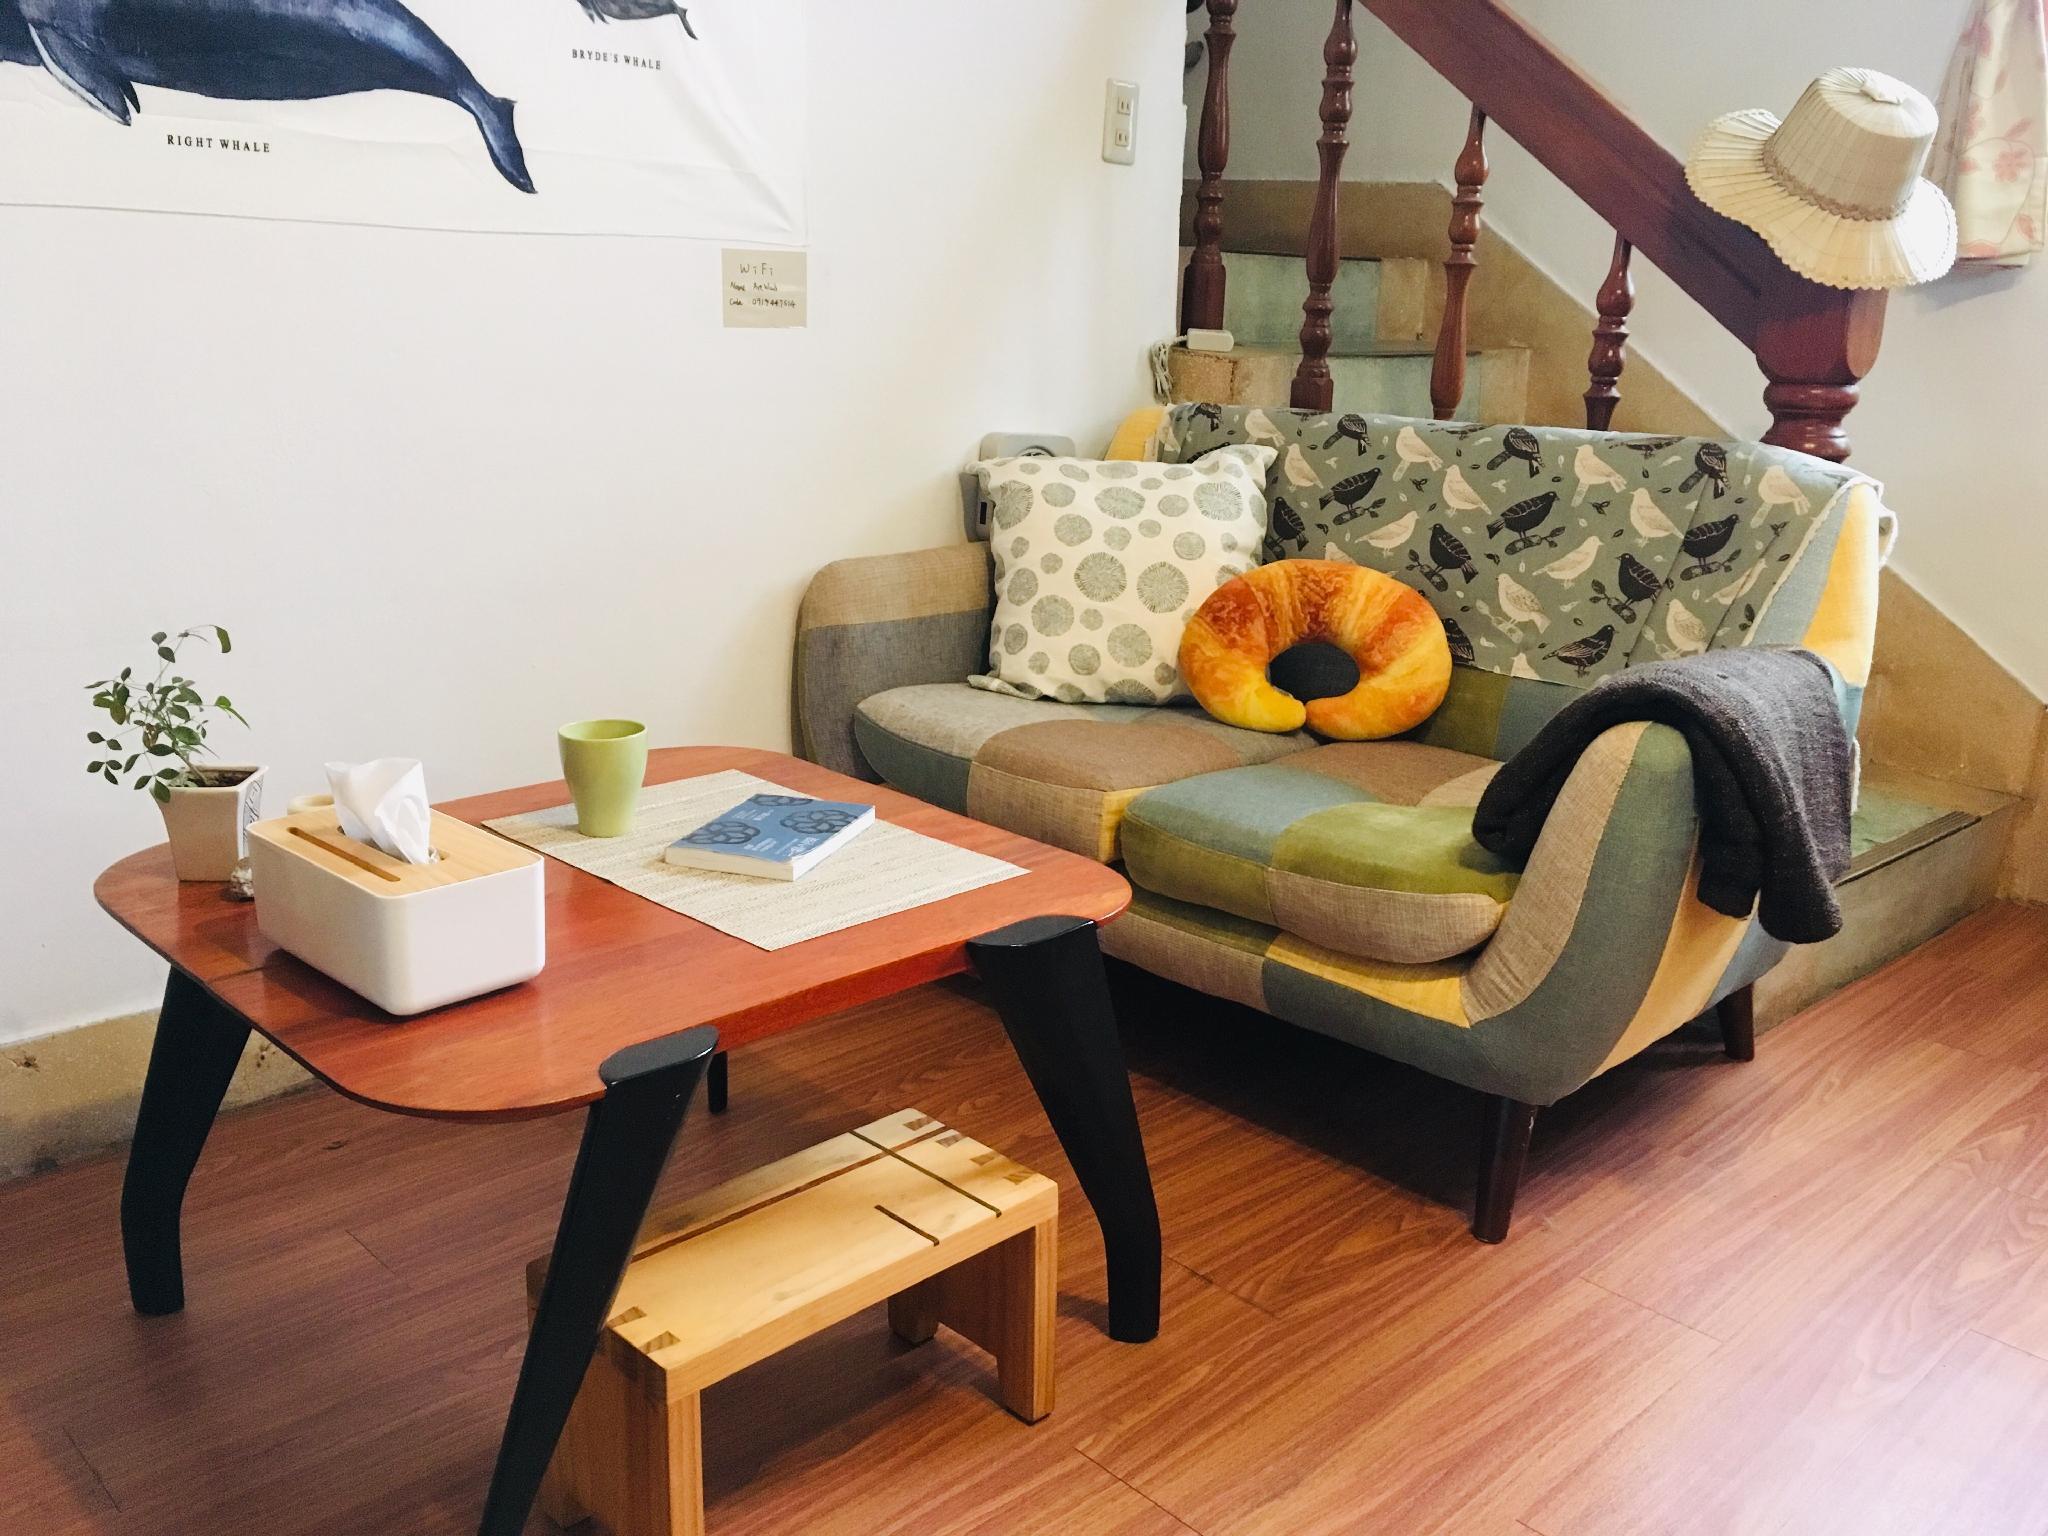 藝木宅chill in-House Of Wood n Art太陽•2-4人房 寧靜社區